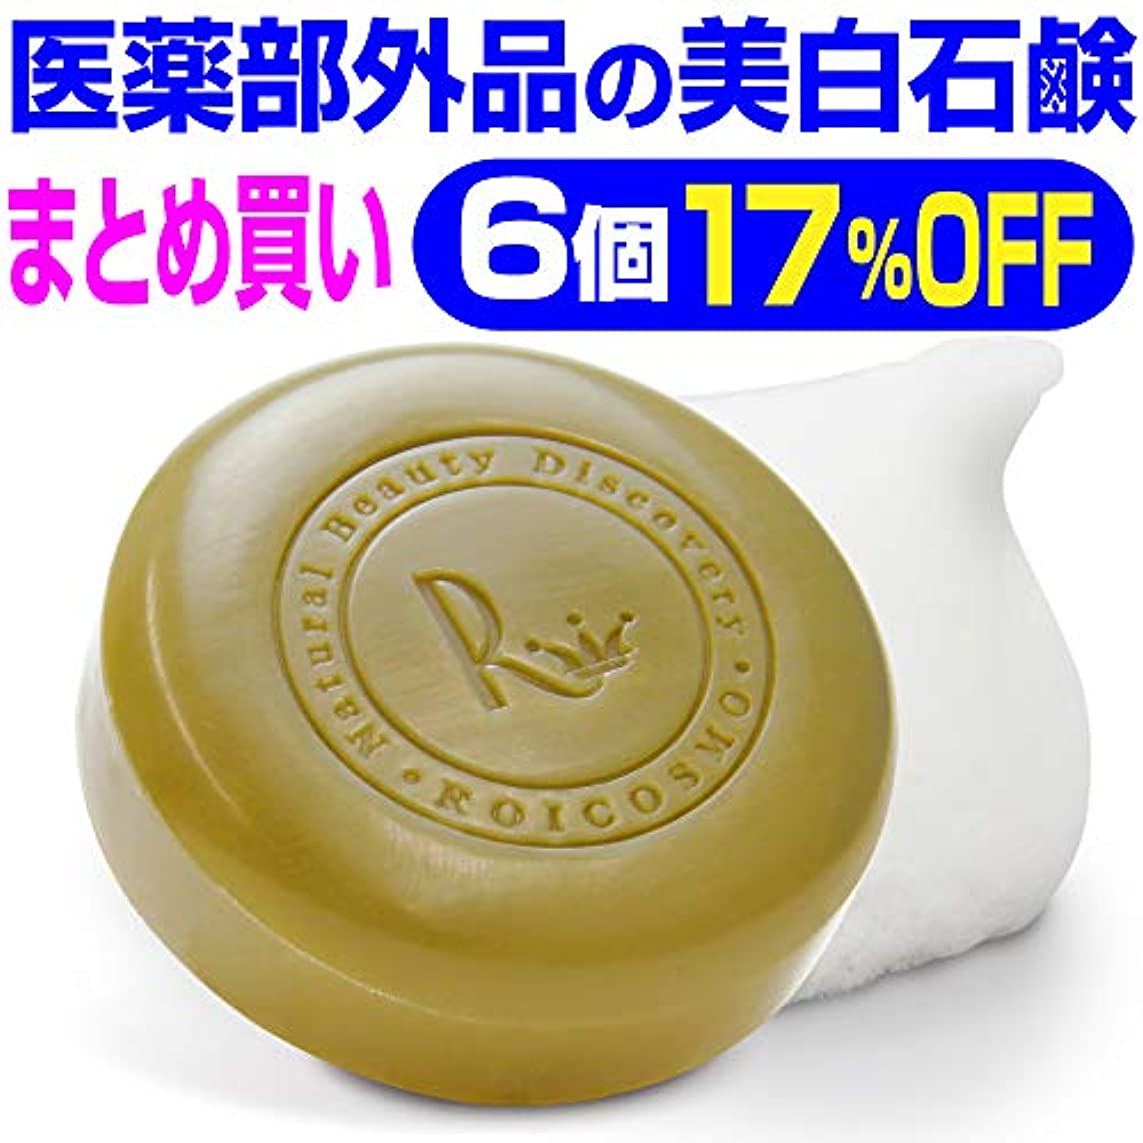 スリル無効細心の6個まとめ買い17%OFF 美白石鹸/ビタミンC270倍の美白成分配合の 洗顔石鹸『ホワイトソープ100g×6個』